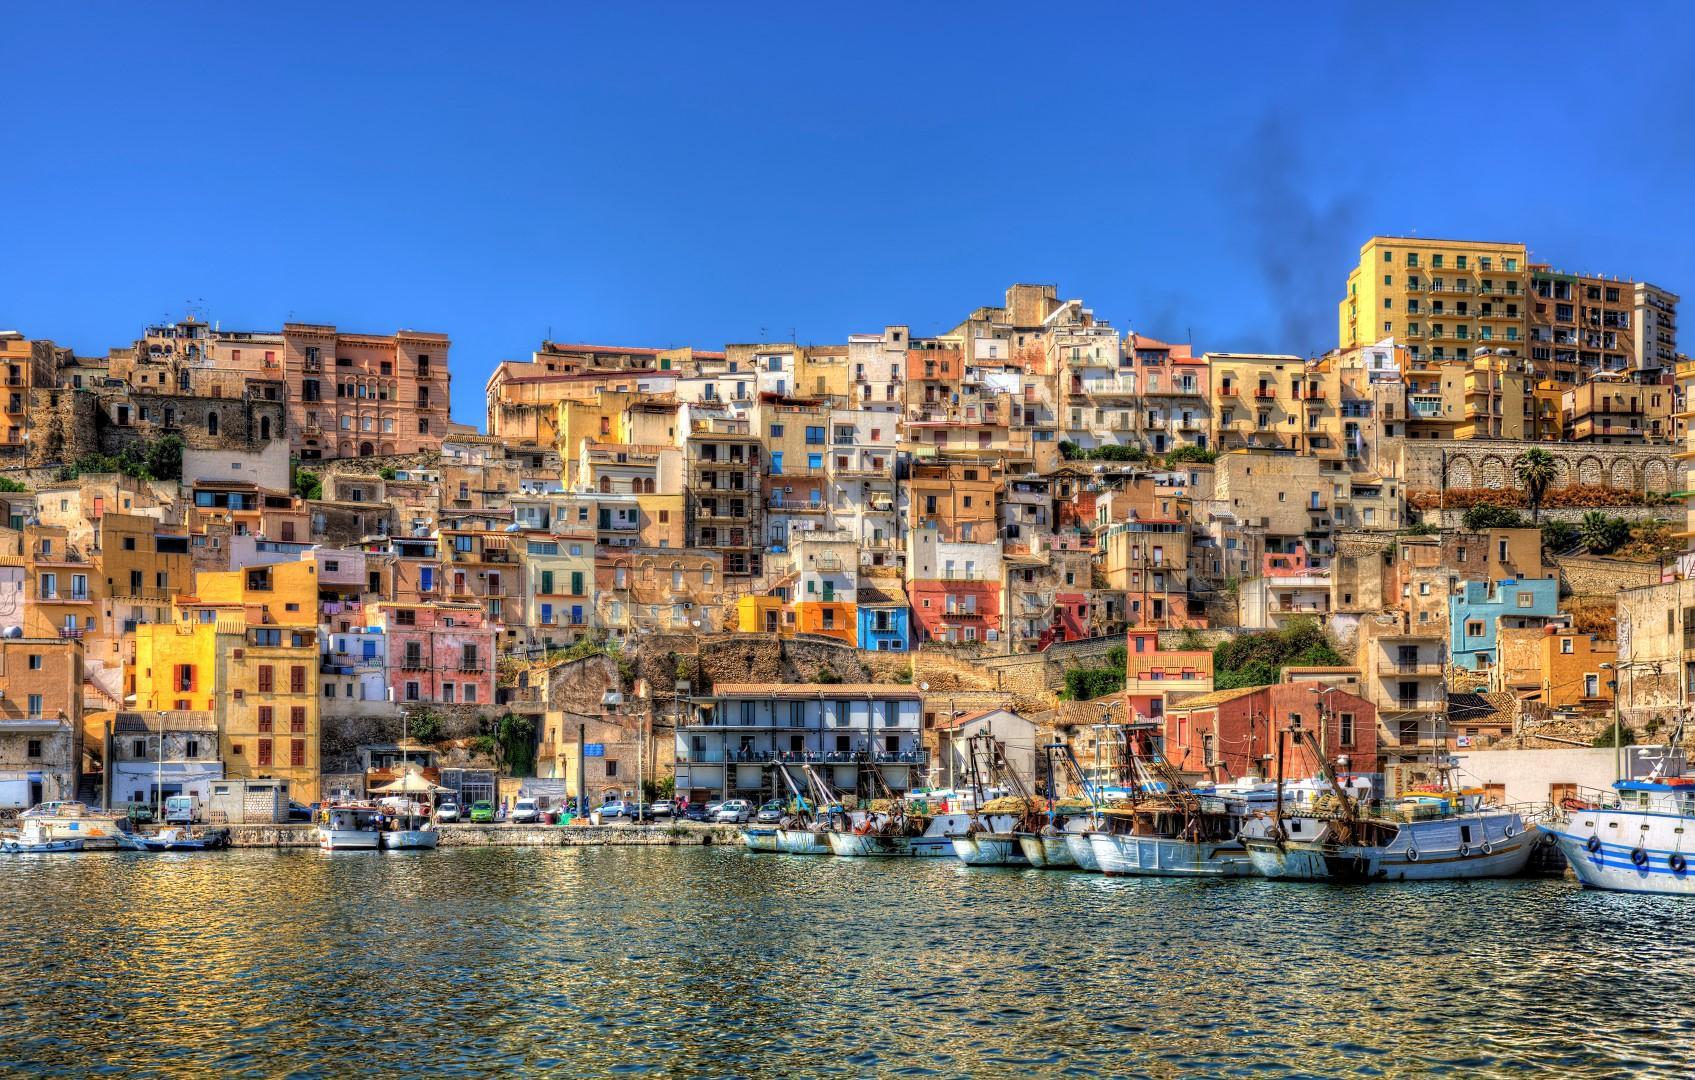 L'eterno incanto dei borghi di mare siciliani